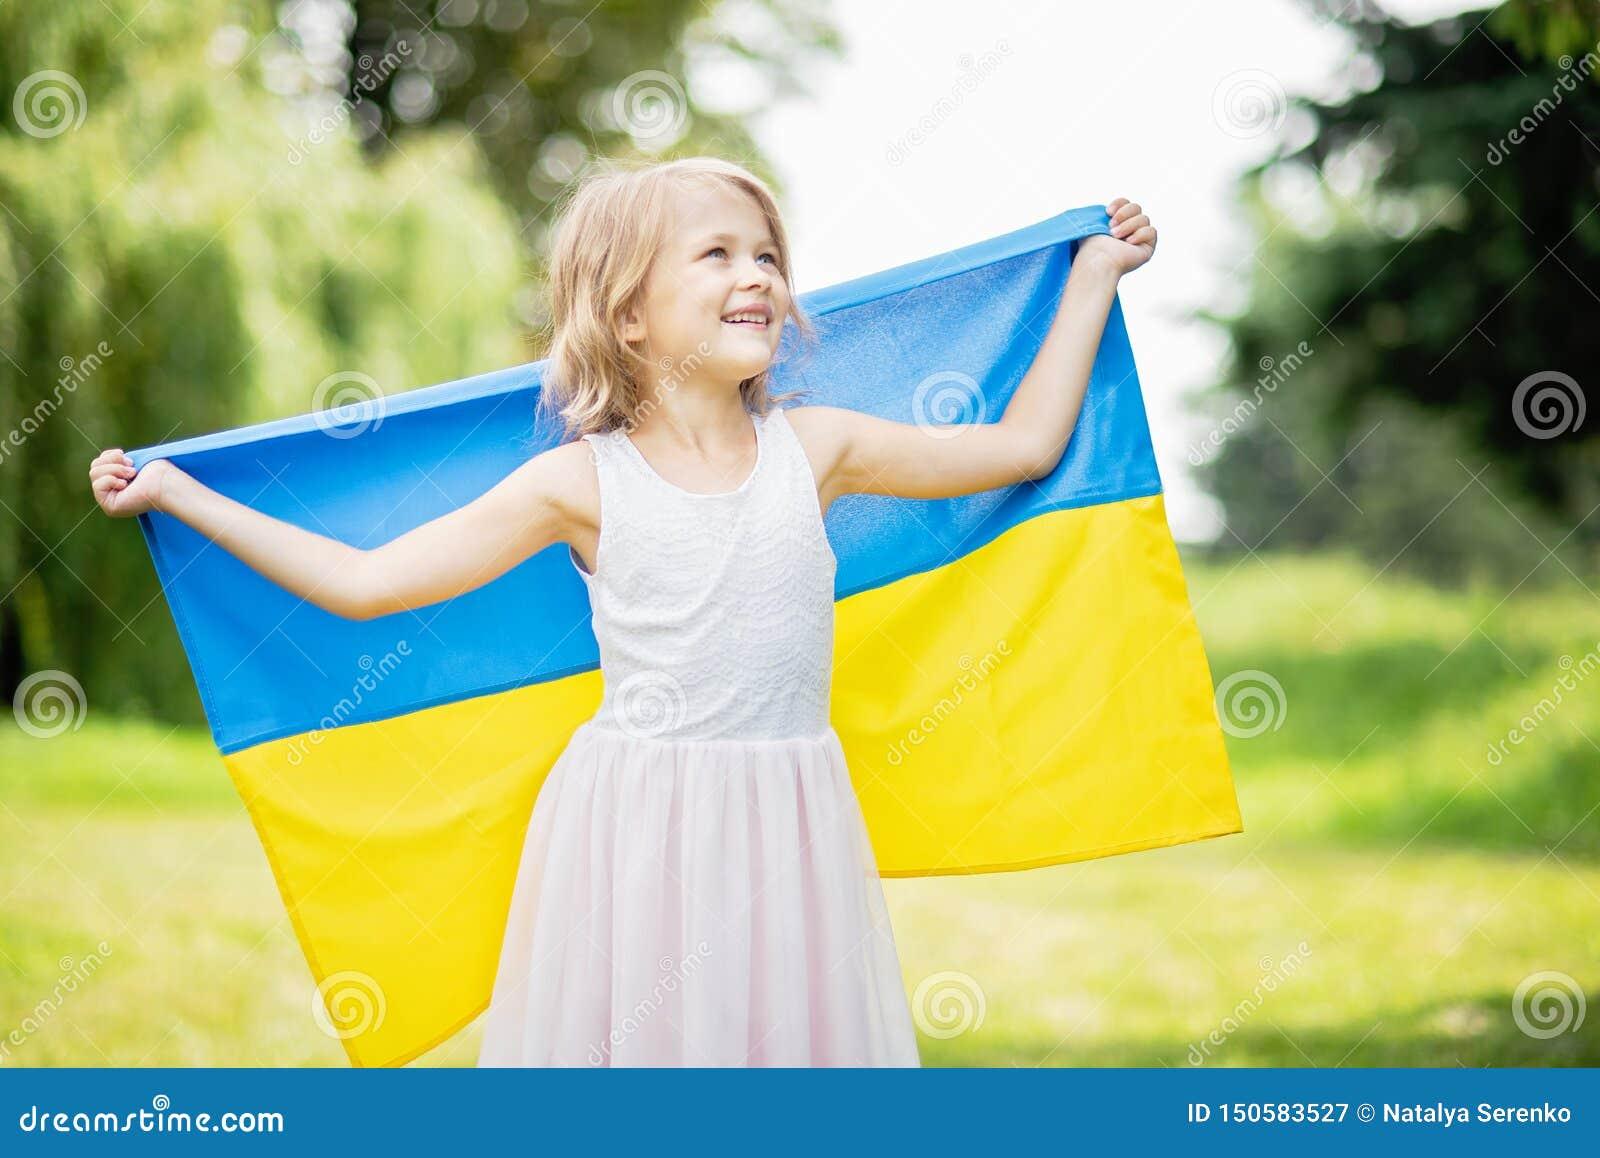 孩子运载振翼乌克兰的蓝色和黄旗领域的 乌克兰的美国独立日 国旗纪念日 宪法天 女孩i